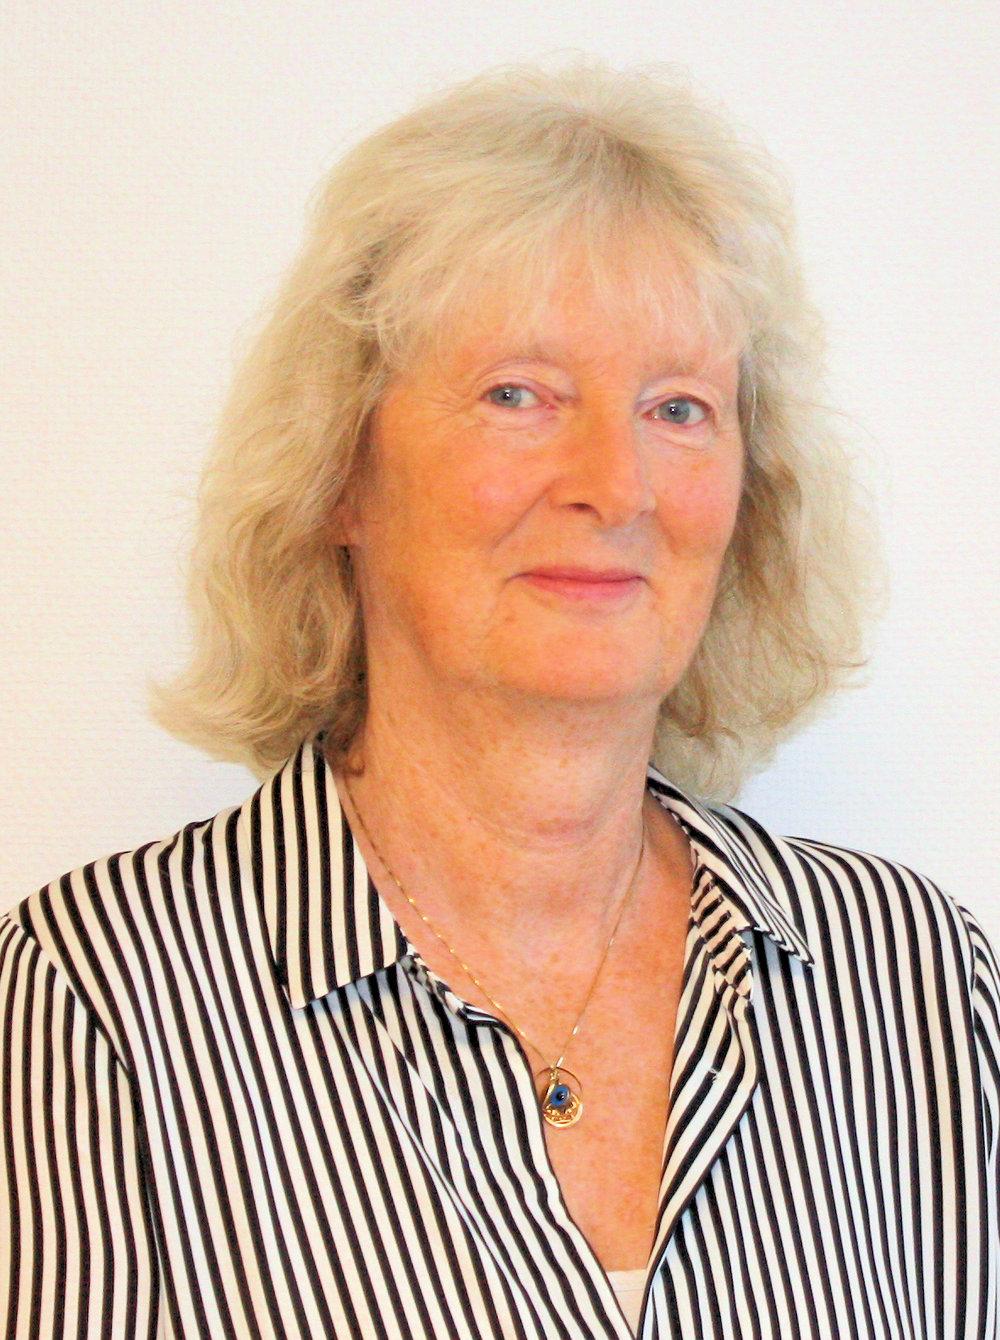 Lisbeth M. Stenshagen   styremedlem oppnevnt av arbeidstakernes organisasjoner